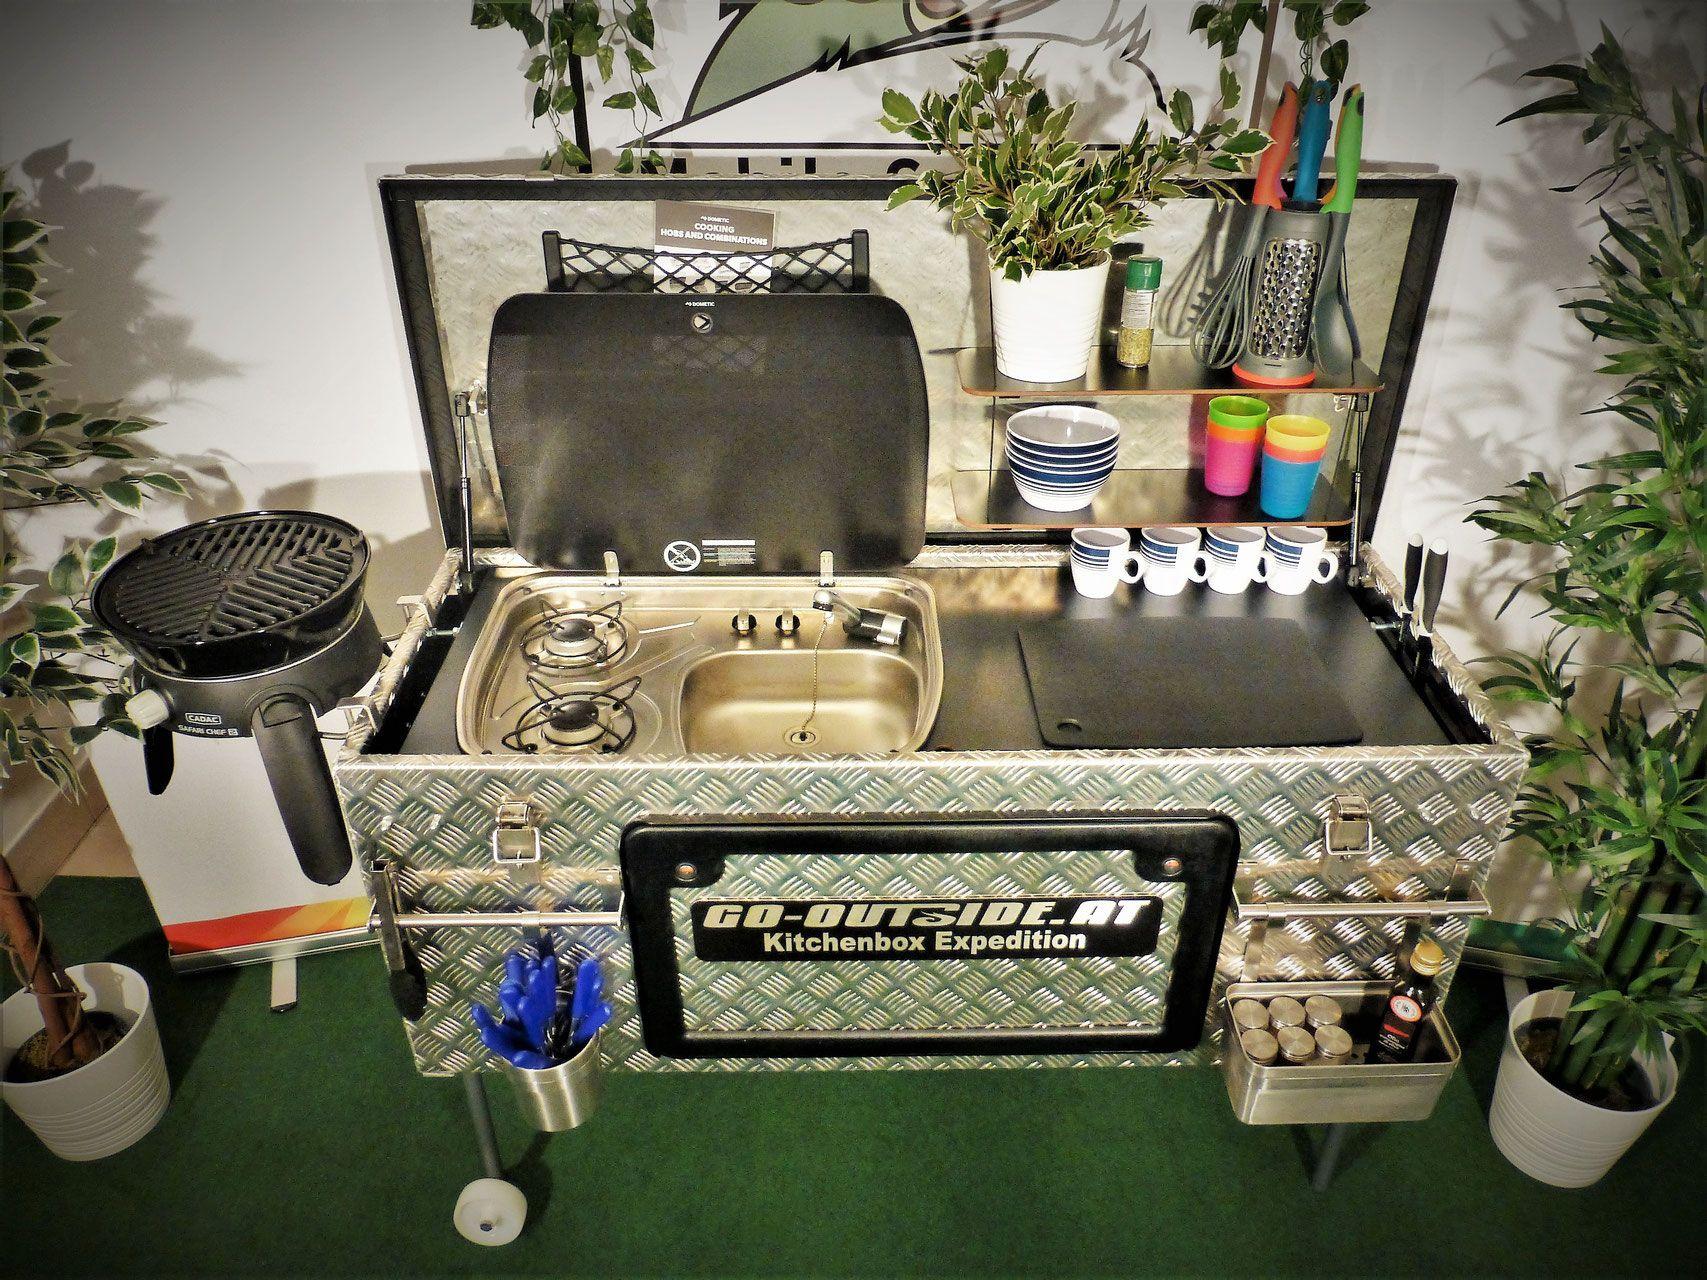 Outdoorküche Camping Ground : Camping und outdoor küche bei der kitchenbox expedition handelt